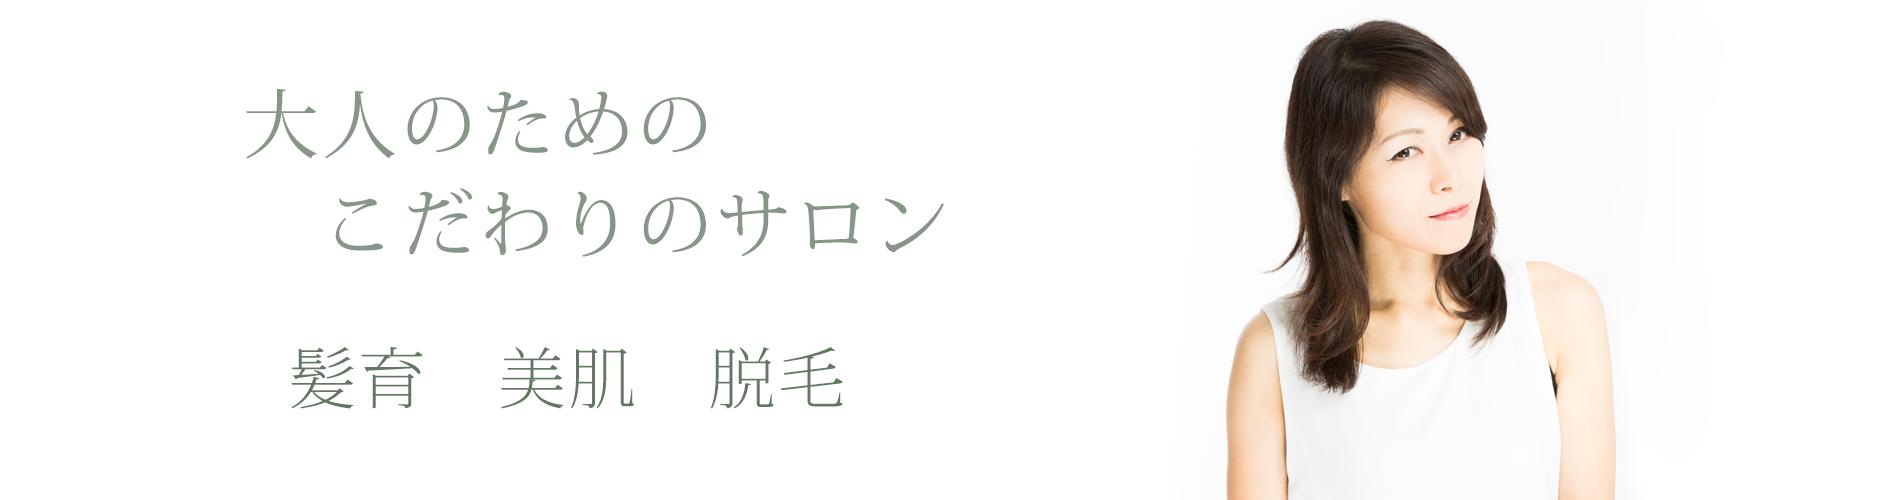 名古屋市守山区のエステ|ブライダルエステ|髪育|脱毛|頭皮ケア|トータルプロデュースKirei